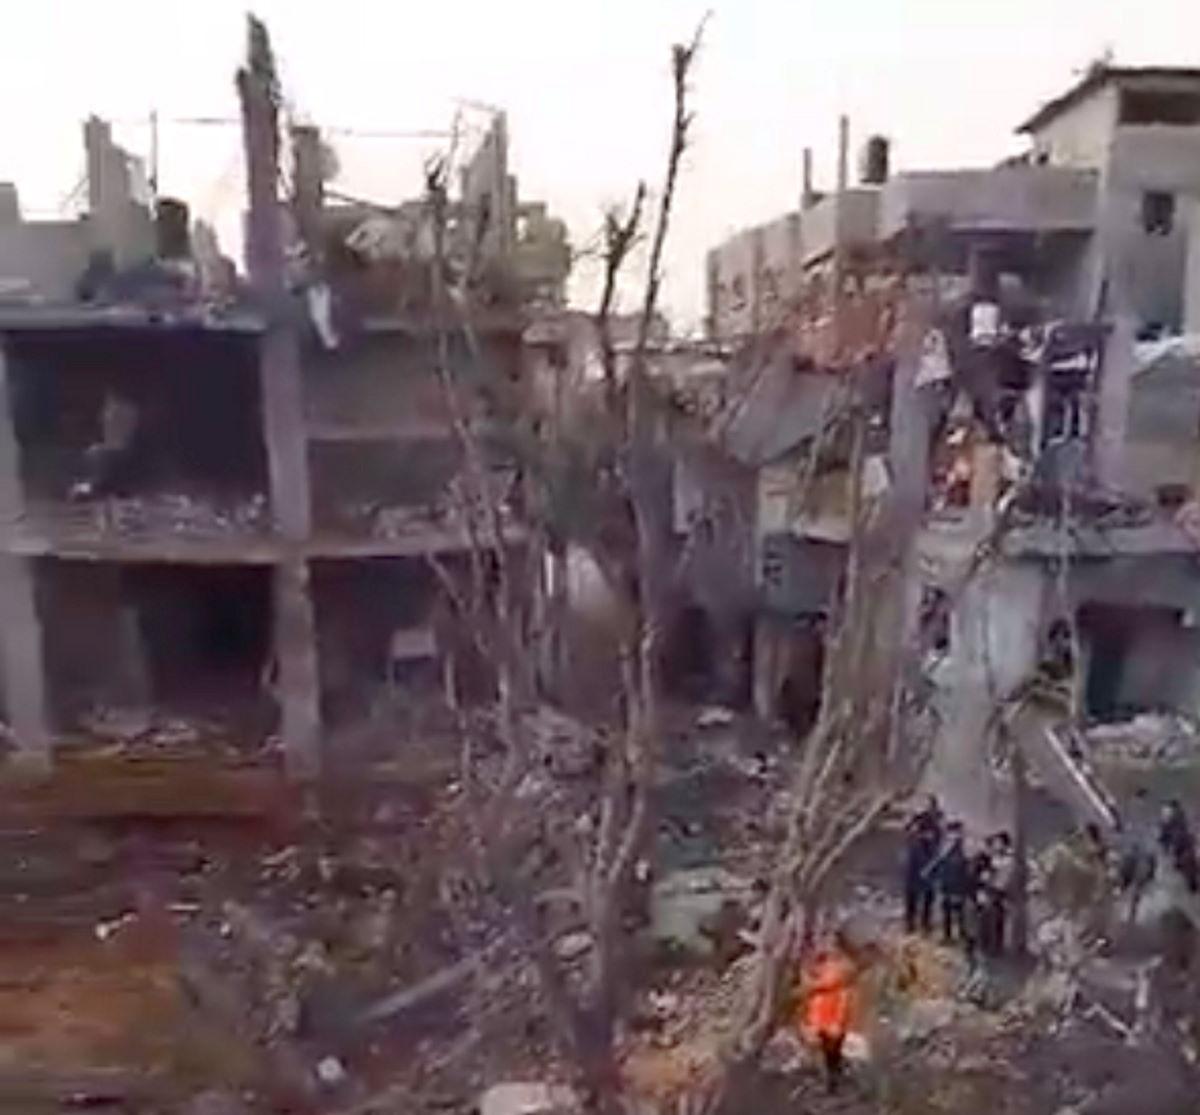 Quinto giorno di guerra tra Hamas e Israele. 119 le vittime palestinesi. Nella Striscia manca l'energia elettrica e si rischia un disastro umanitario